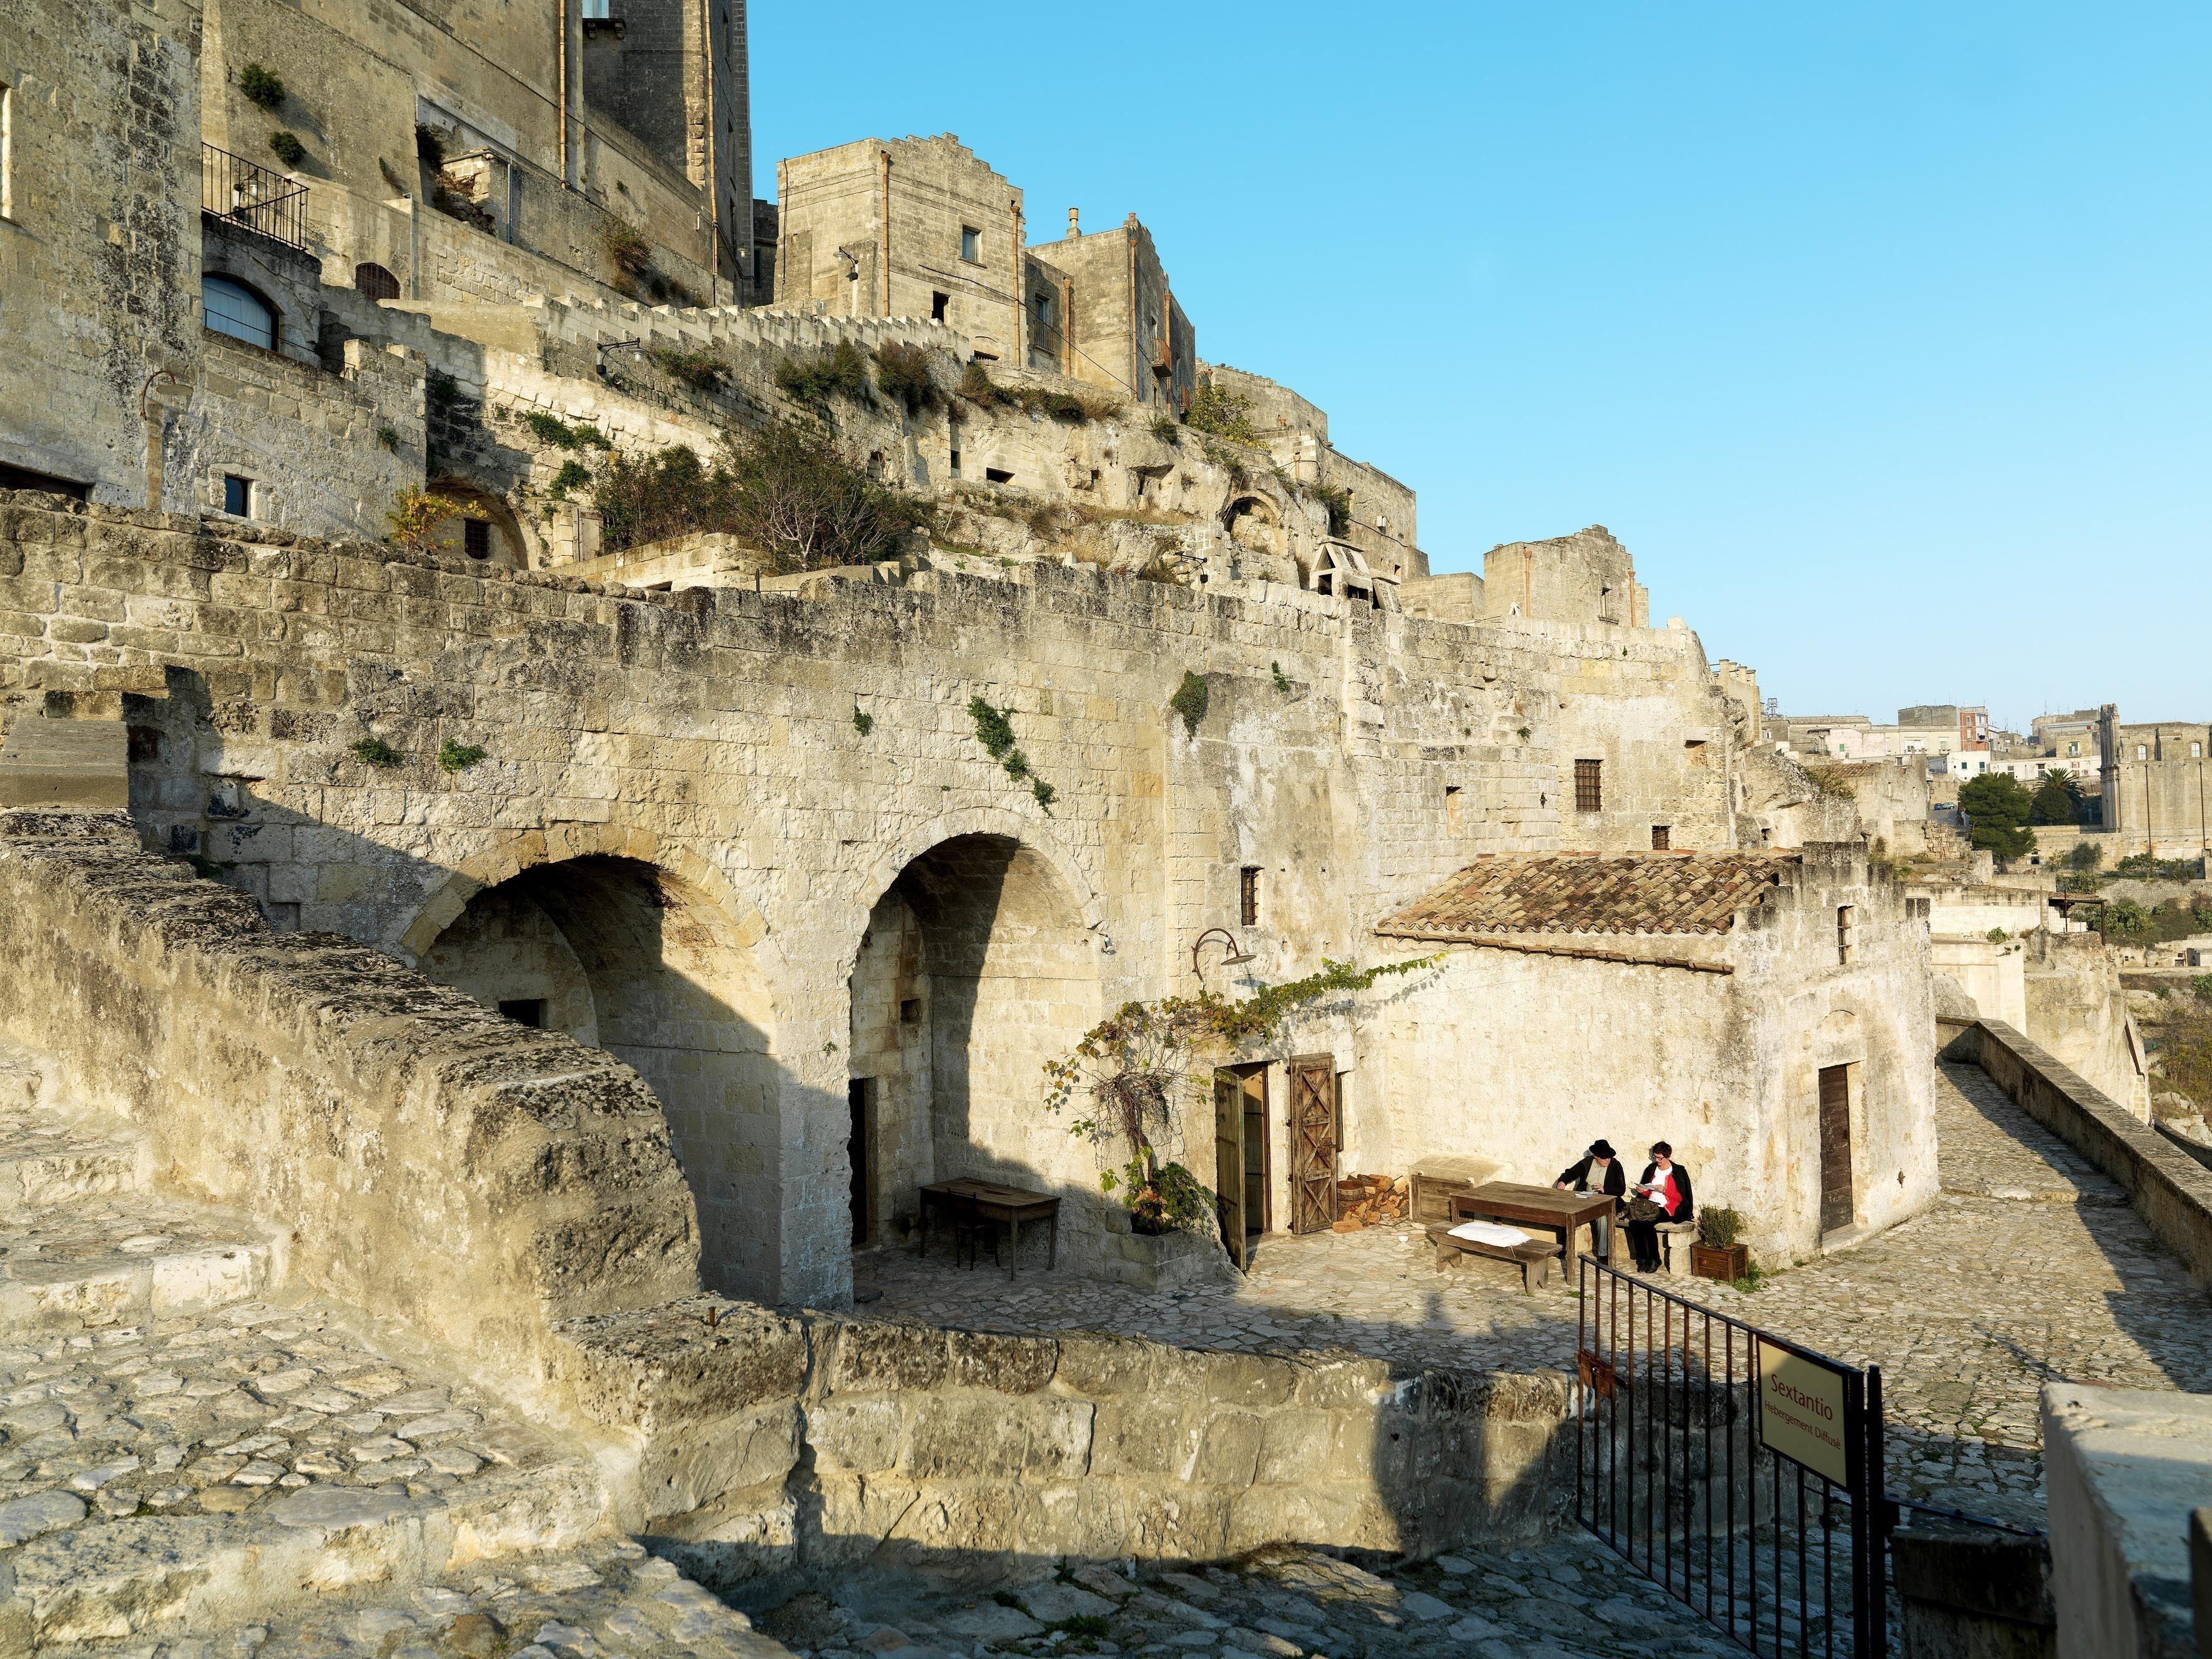 Courtesy of Le Grotte della Civita / Expedia